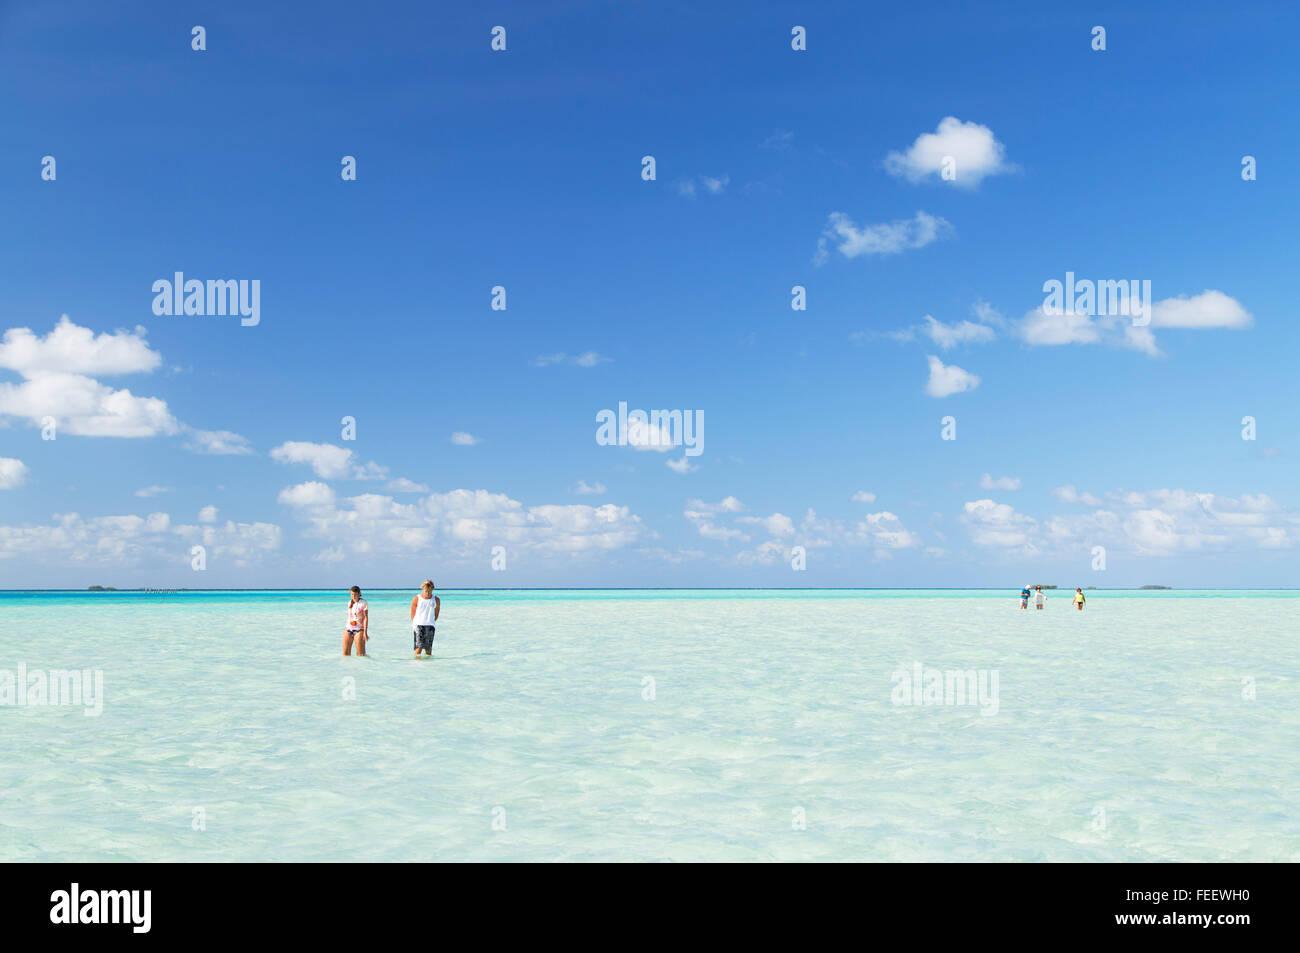 La gente en Blue Lagoon, Fakarava, las Islas Tuamotu, en la Polinesia Francesa Foto de stock